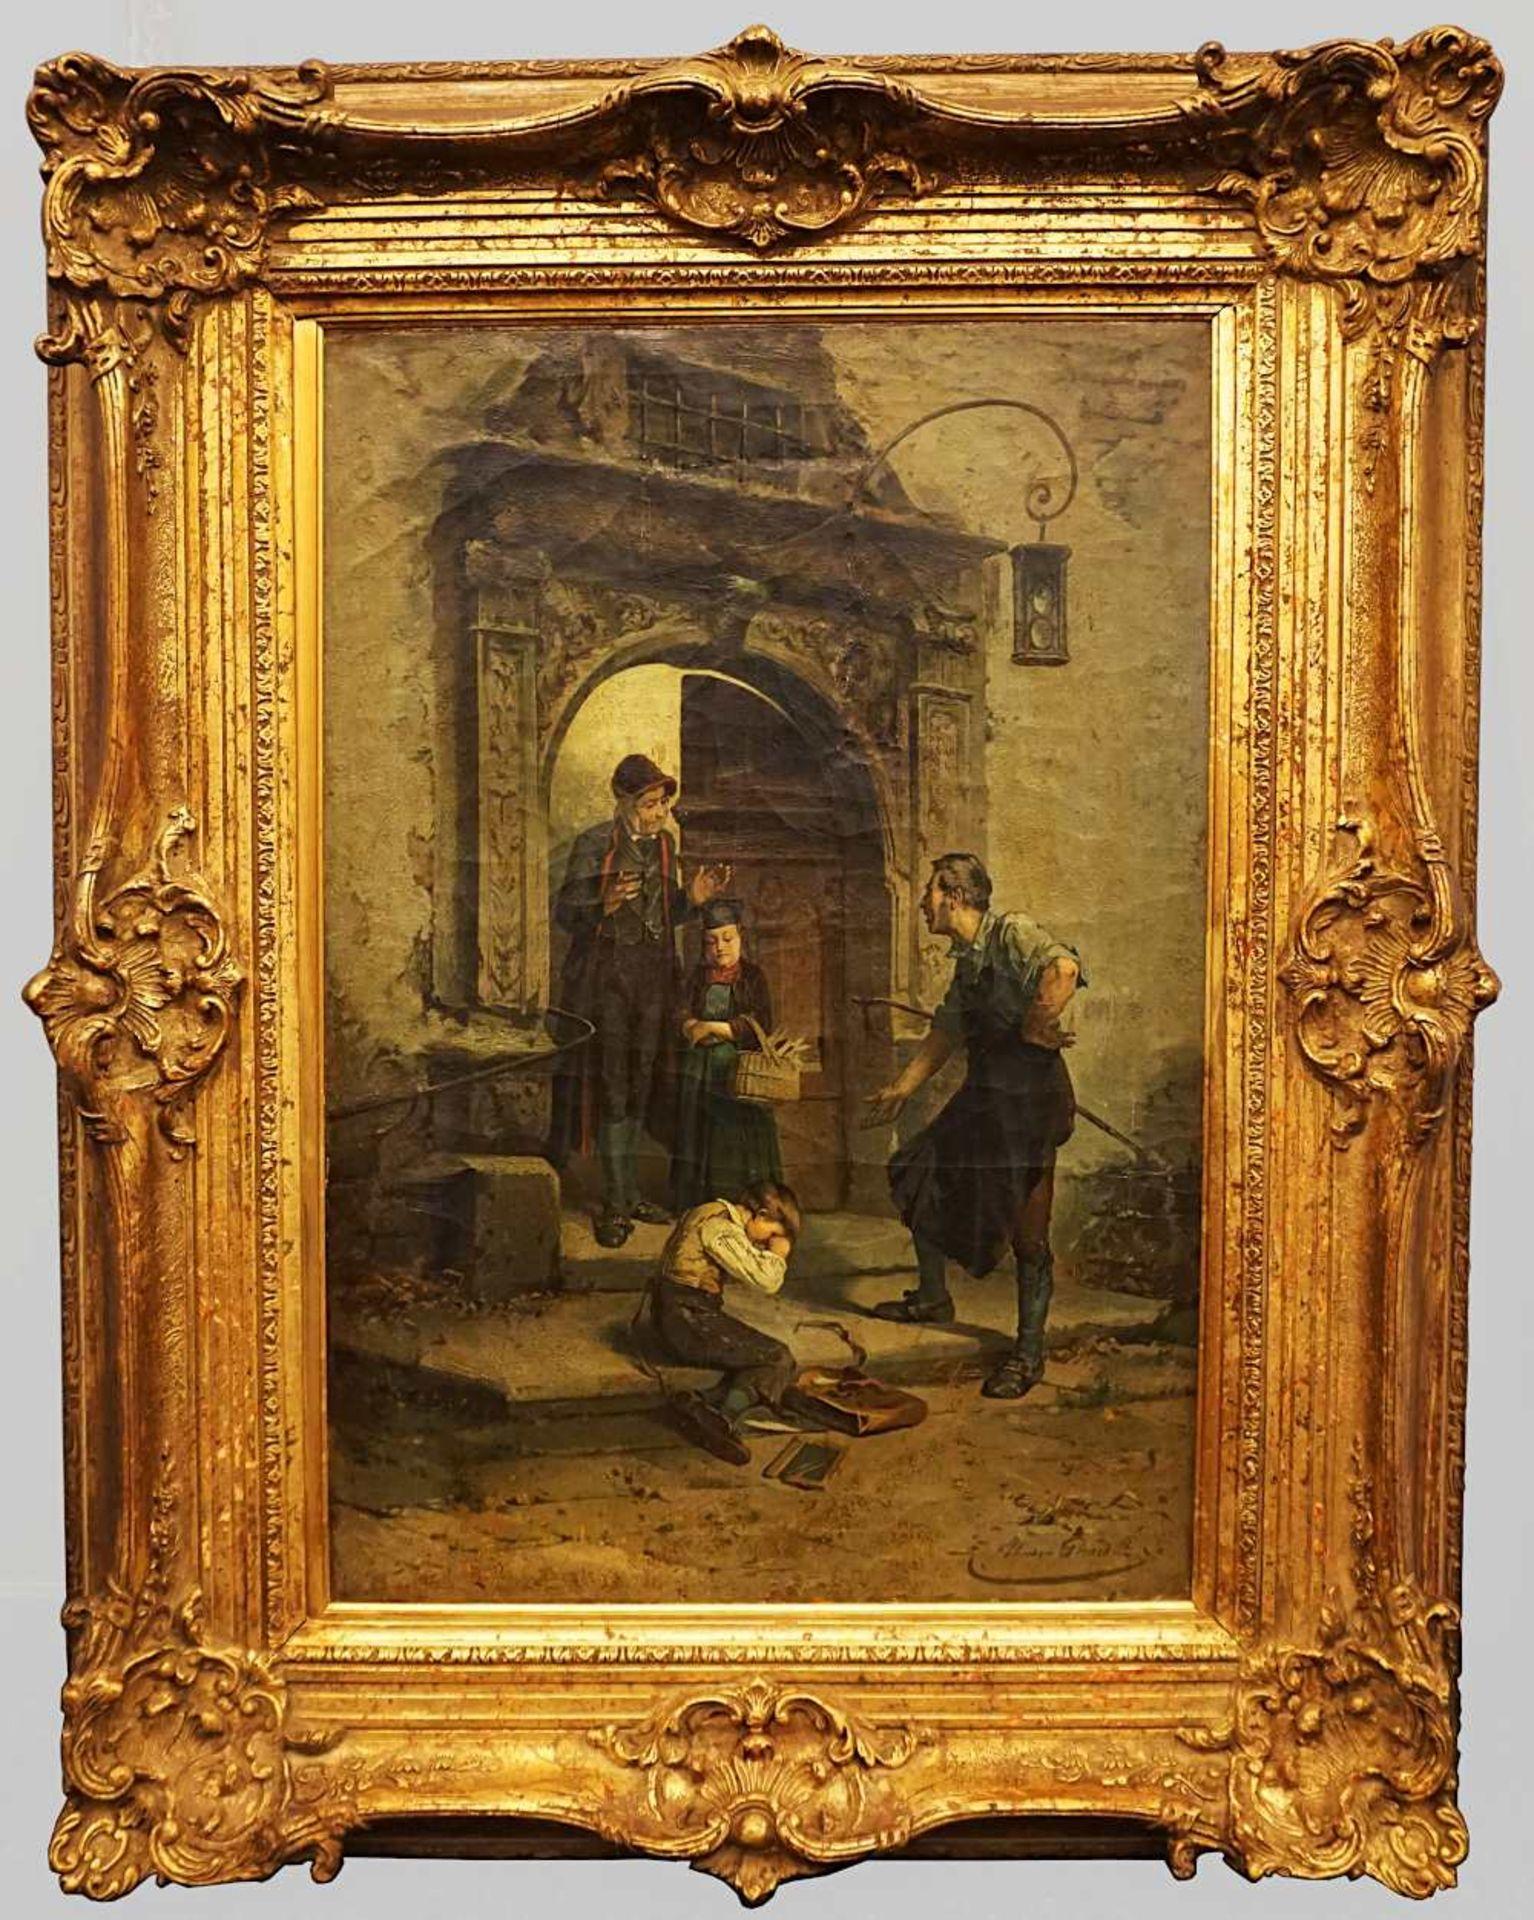 """1 Ölgemälde """"Der Sohn des Schmieds - Die zerbrochene Schiefertafel"""", R.u. sign. Théodore GÉR - Bild 4 aus 4"""